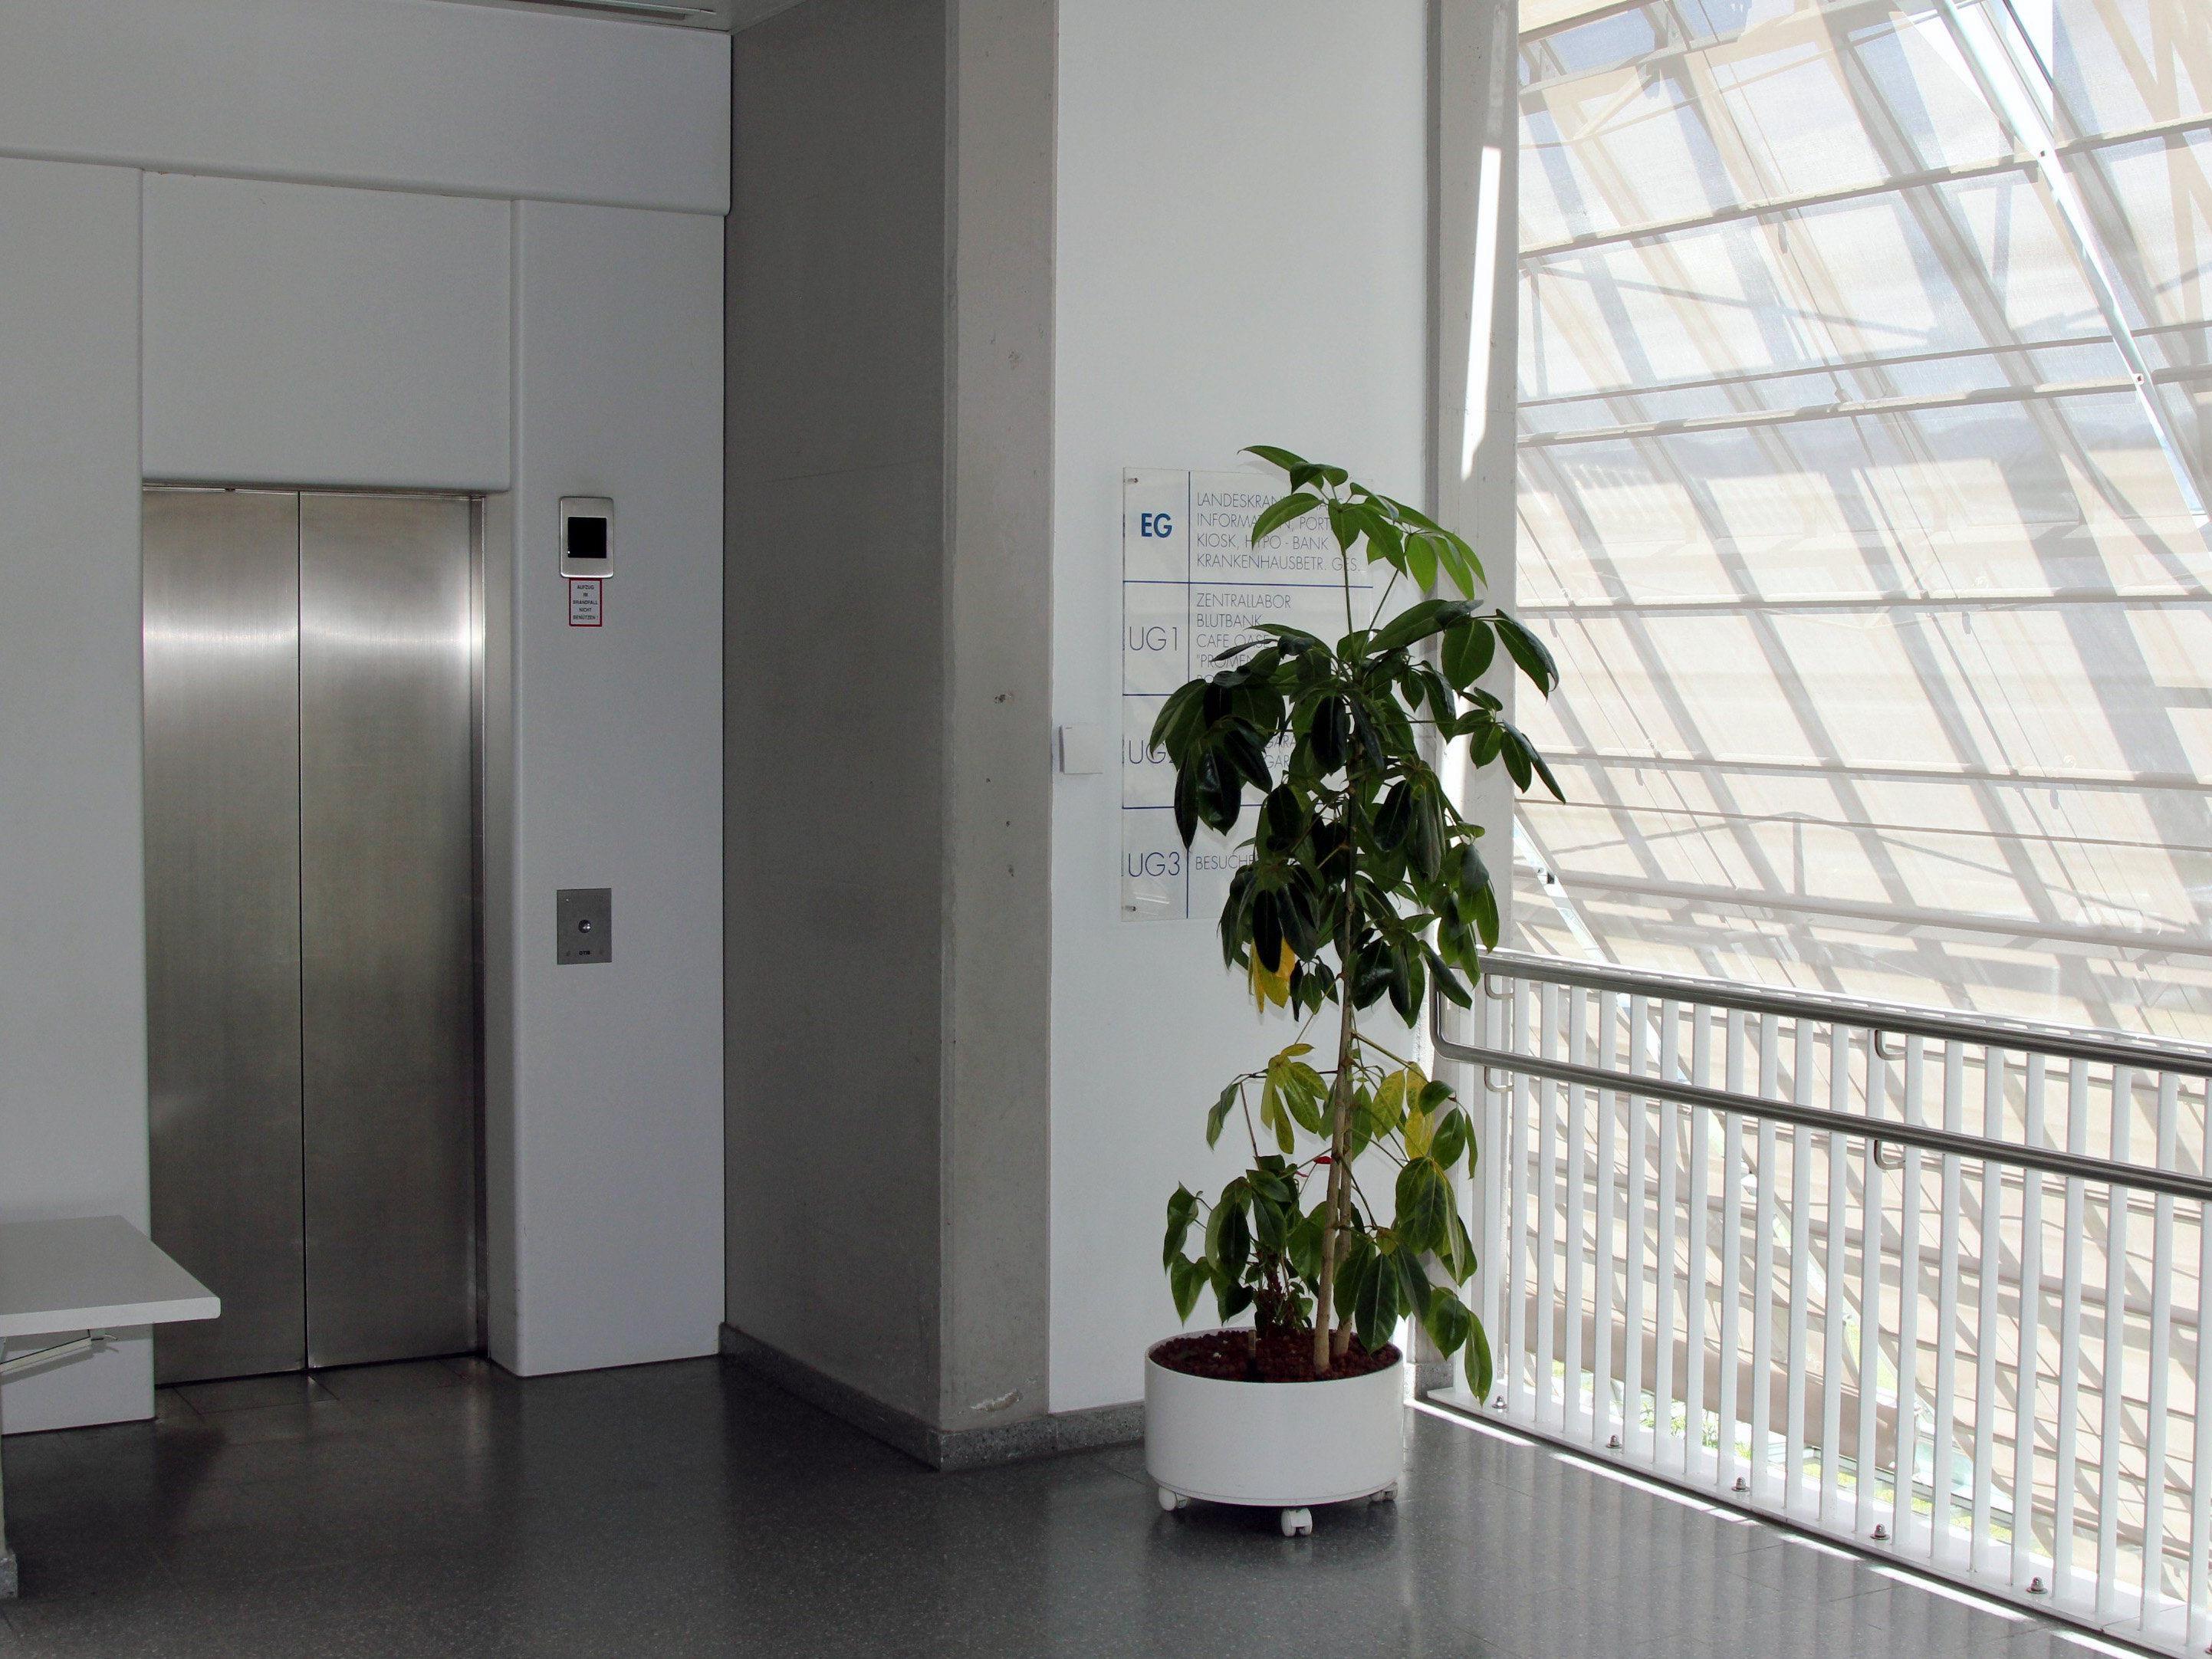 Sanierungsarbeiten am Lift zur Tiefgarage des LKH Feldkirch Barrierefreier Zugang für gehbehinderte Patienten dennoch gesichert.